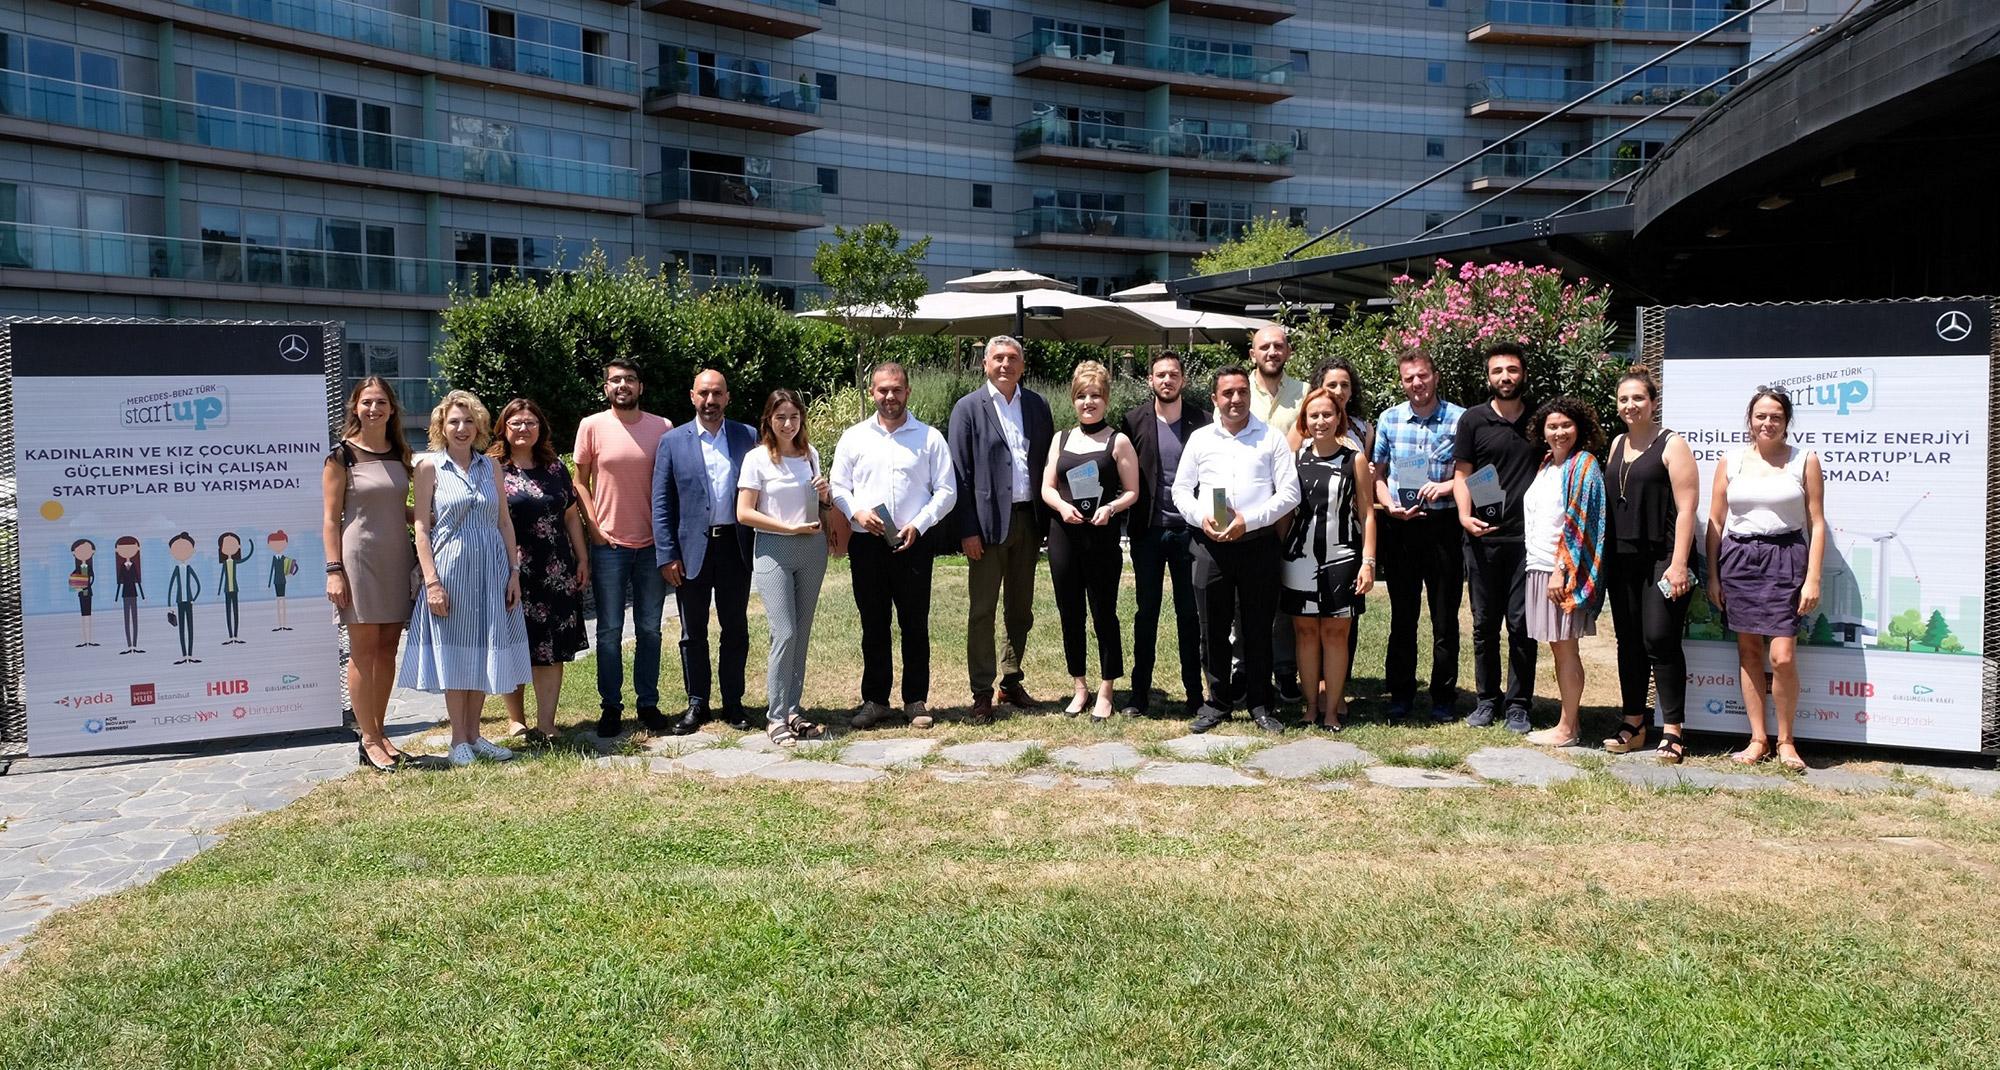 mercedes-benz-turk-startup-2019.jpg